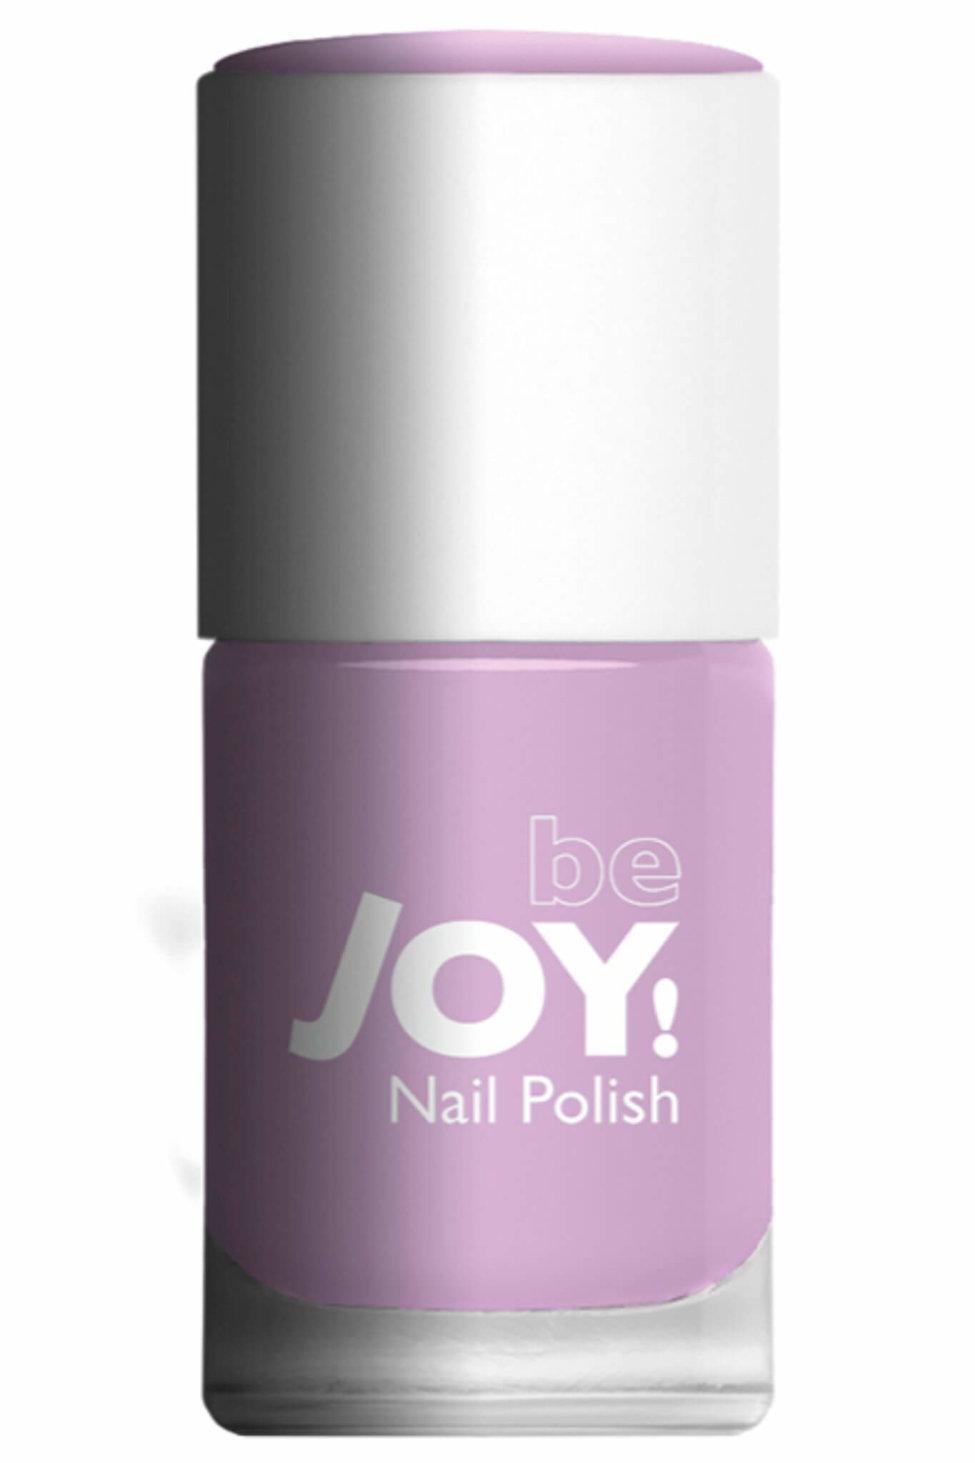 Be joy nail polish λιλά